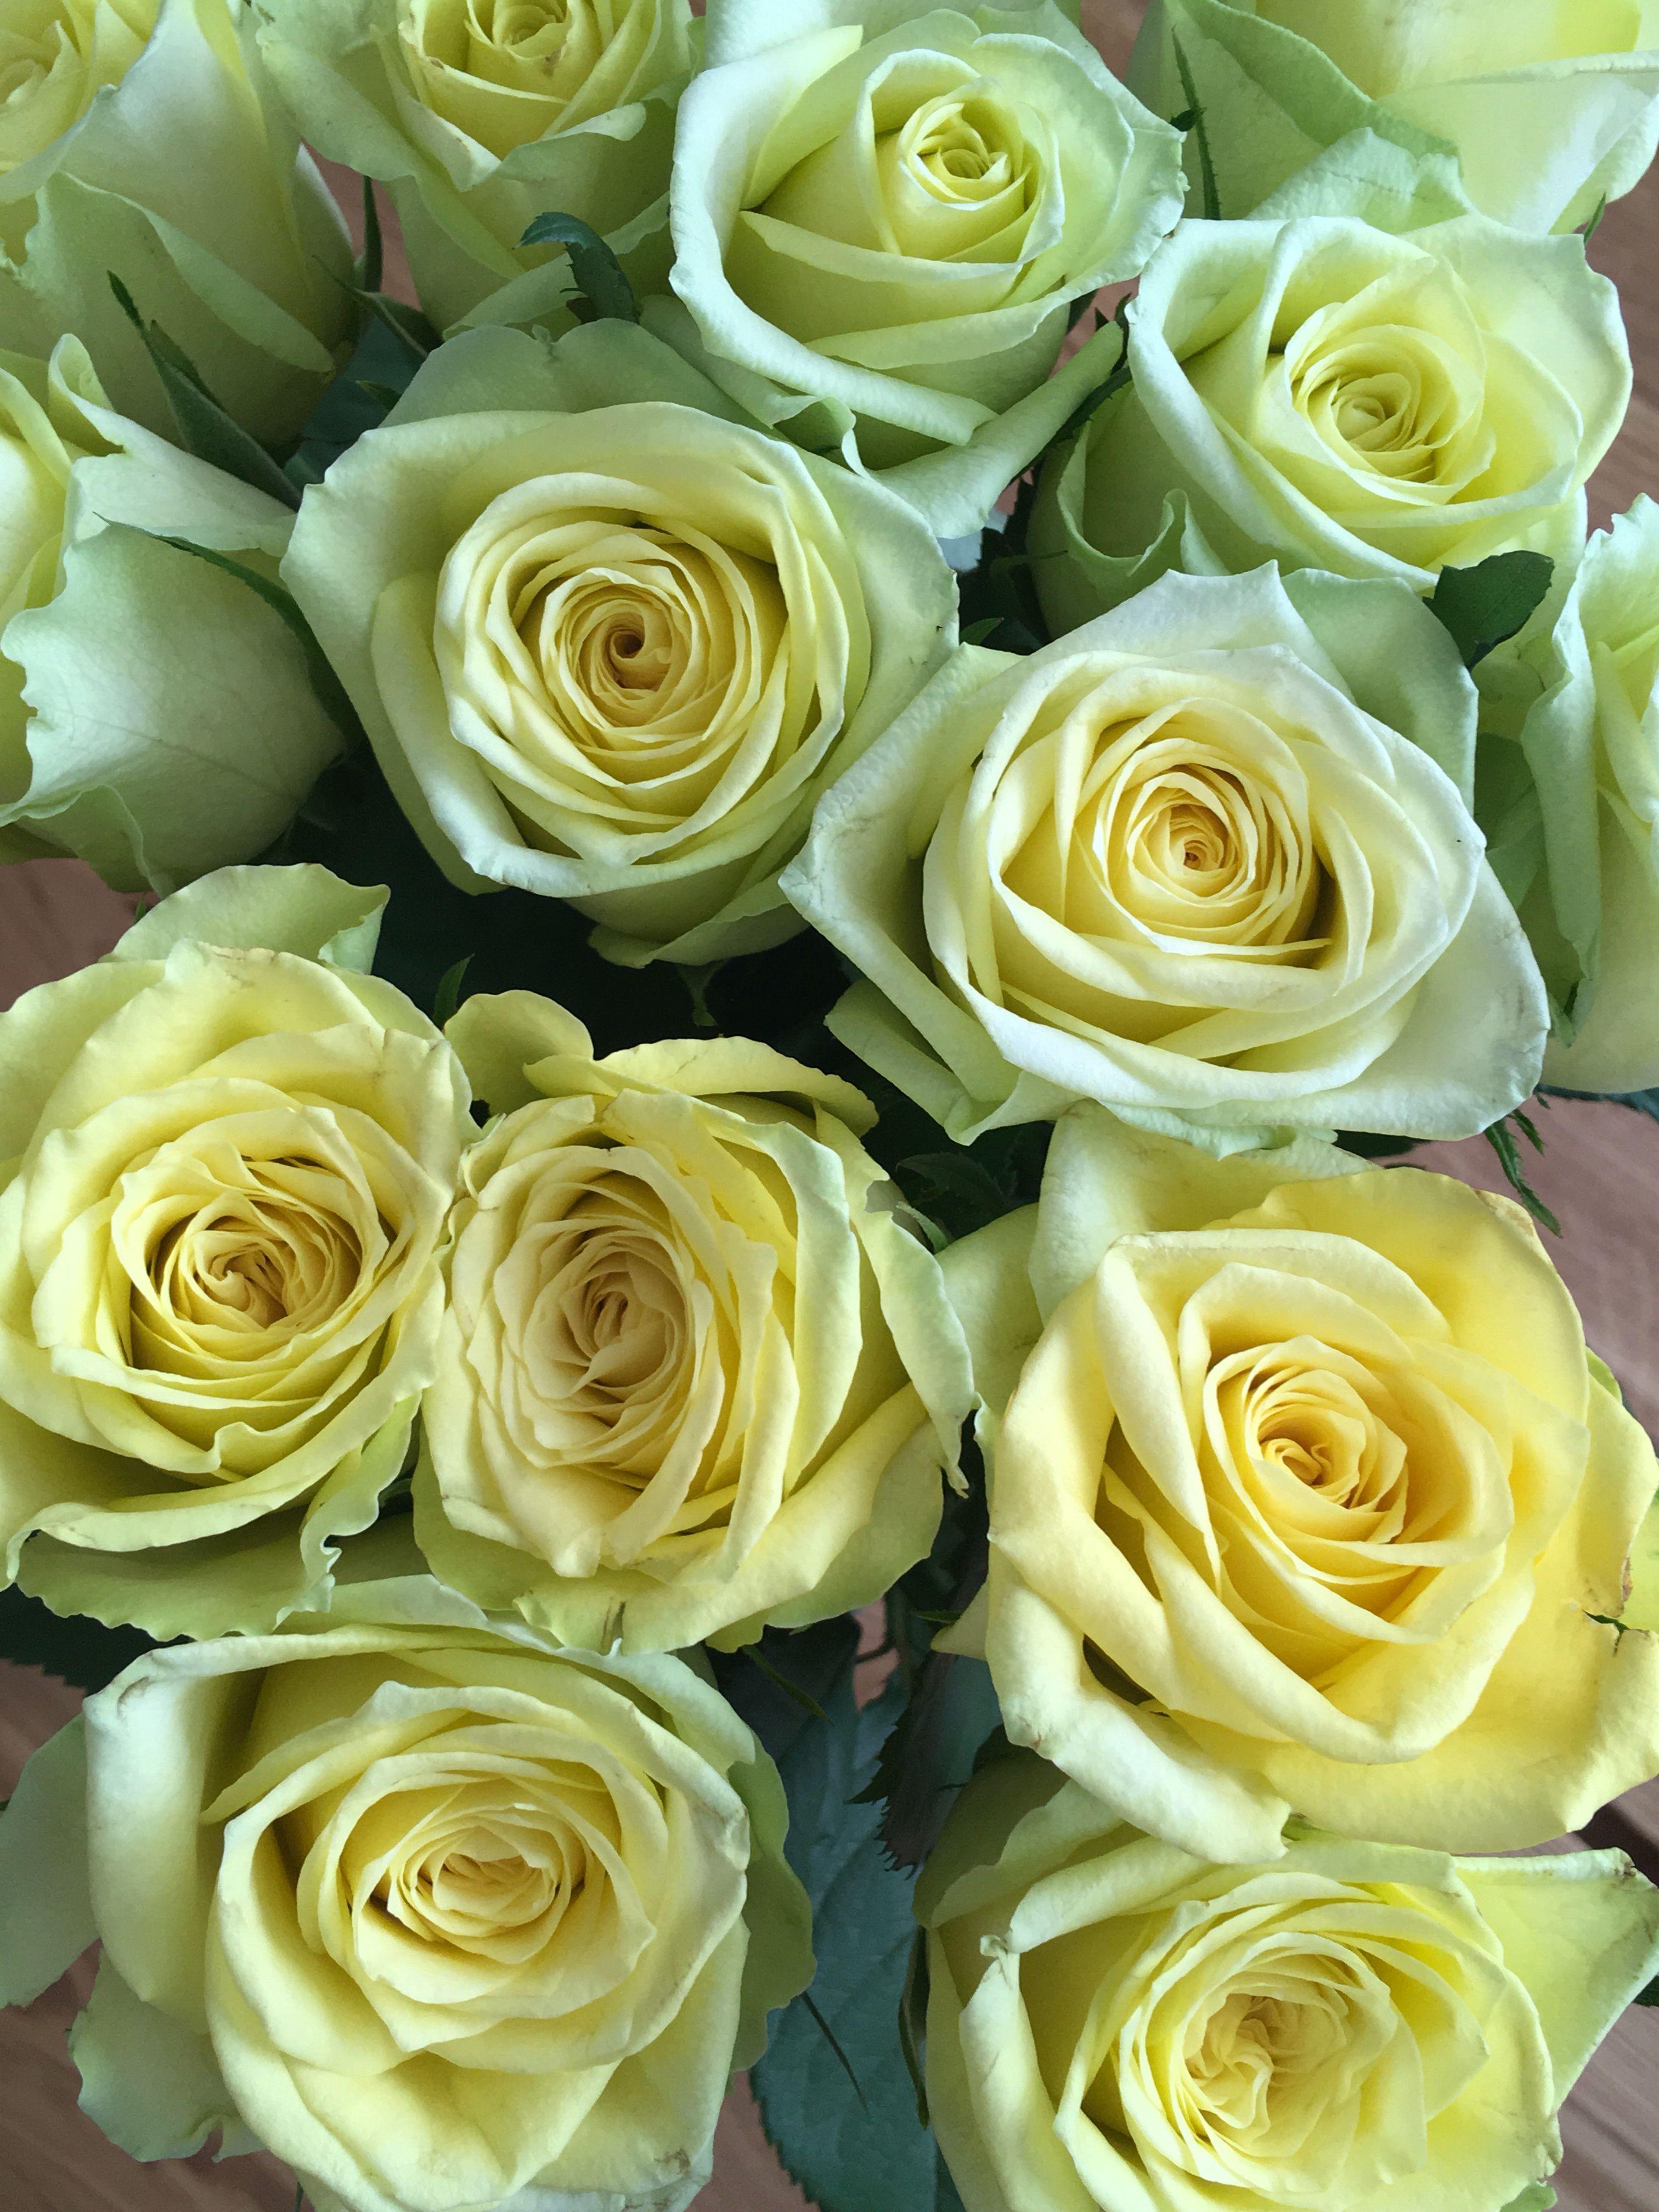 roser odense